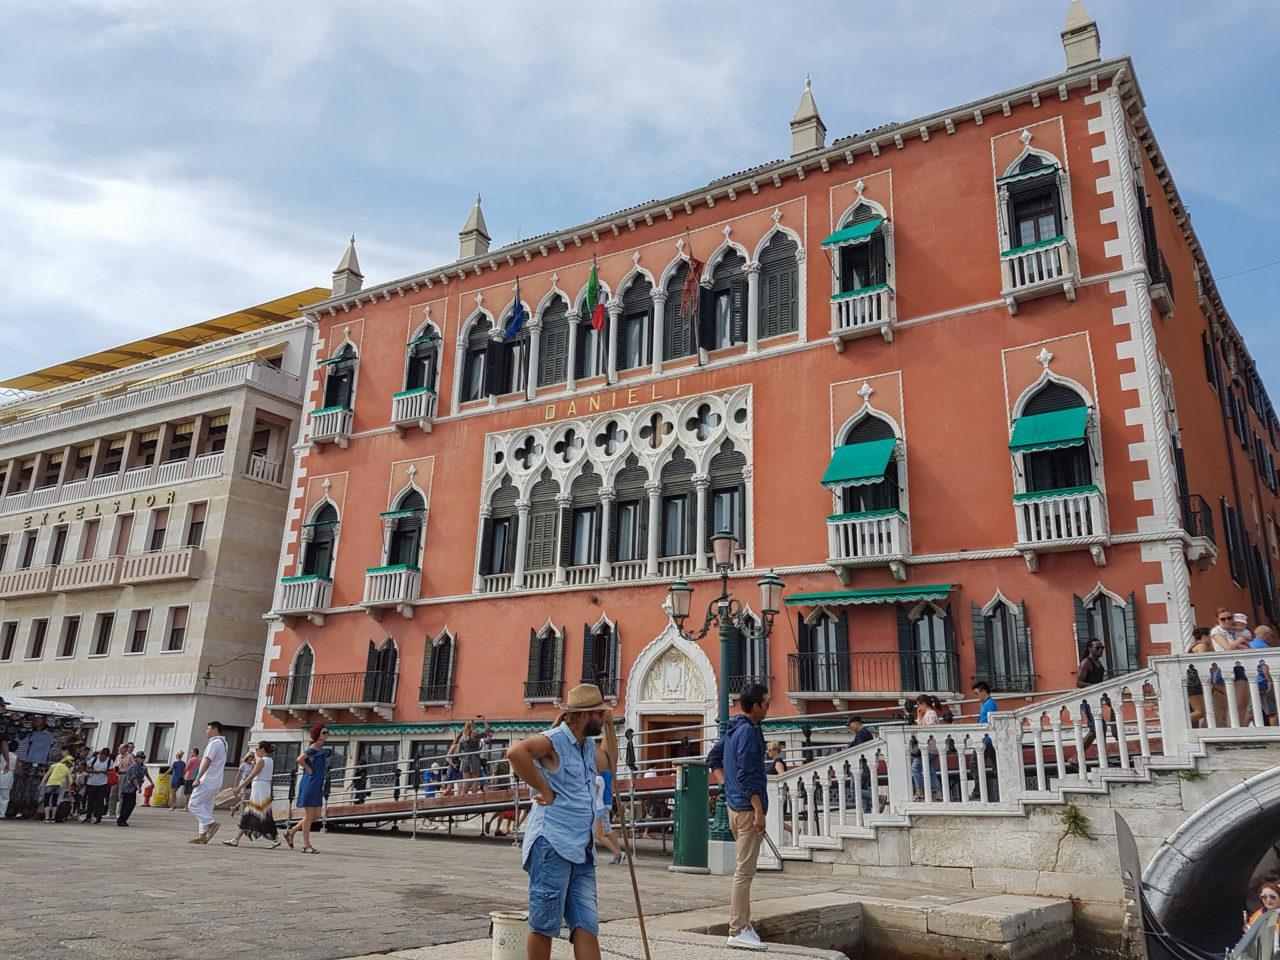 Палаццо Дандоло (Palazzo Dandolo)